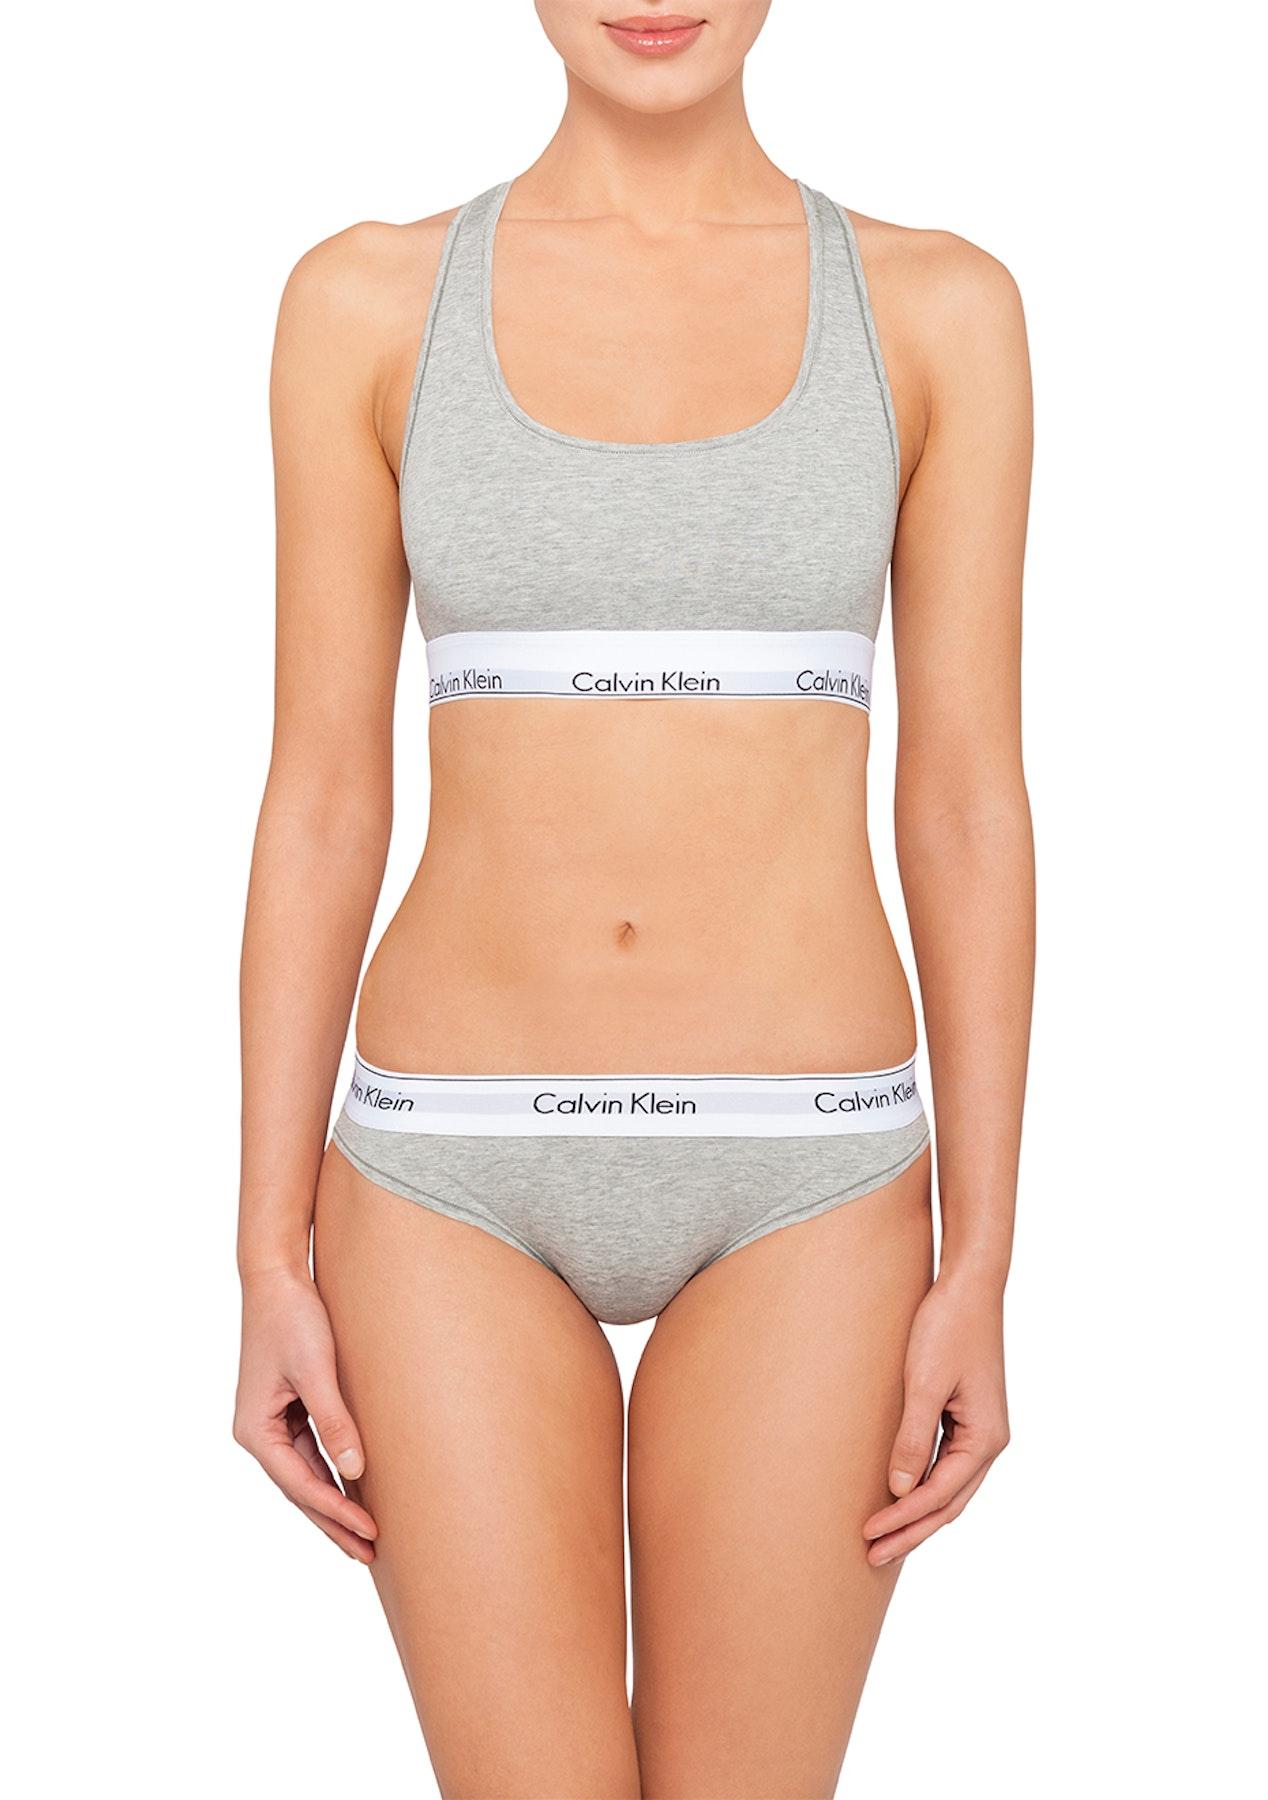 154d2f52e2e Calvin Klein - Modern Cotton Bralette - Grey Heather - Underwear Garage  Sale - Onceit